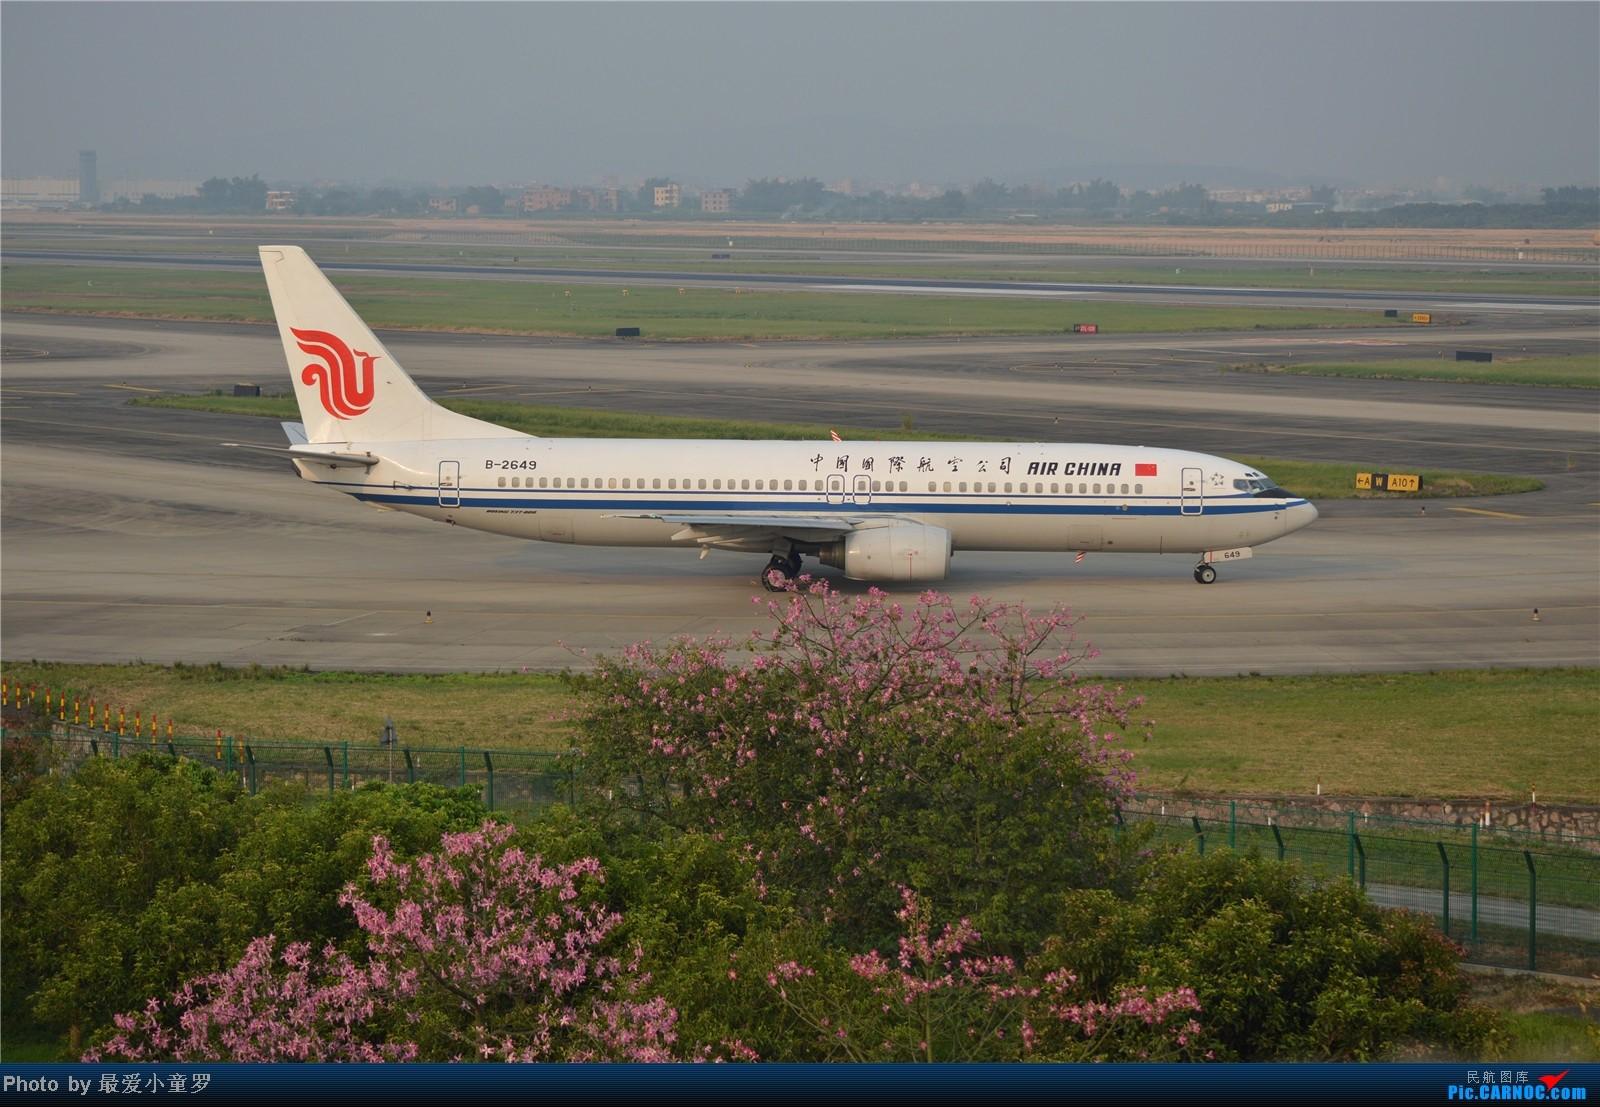 Re:[原创]炒冷饭系列2013年10月4日CAN拍机,带消防塔角度 BOEING 737-800 B-2649 中国广州白云机场